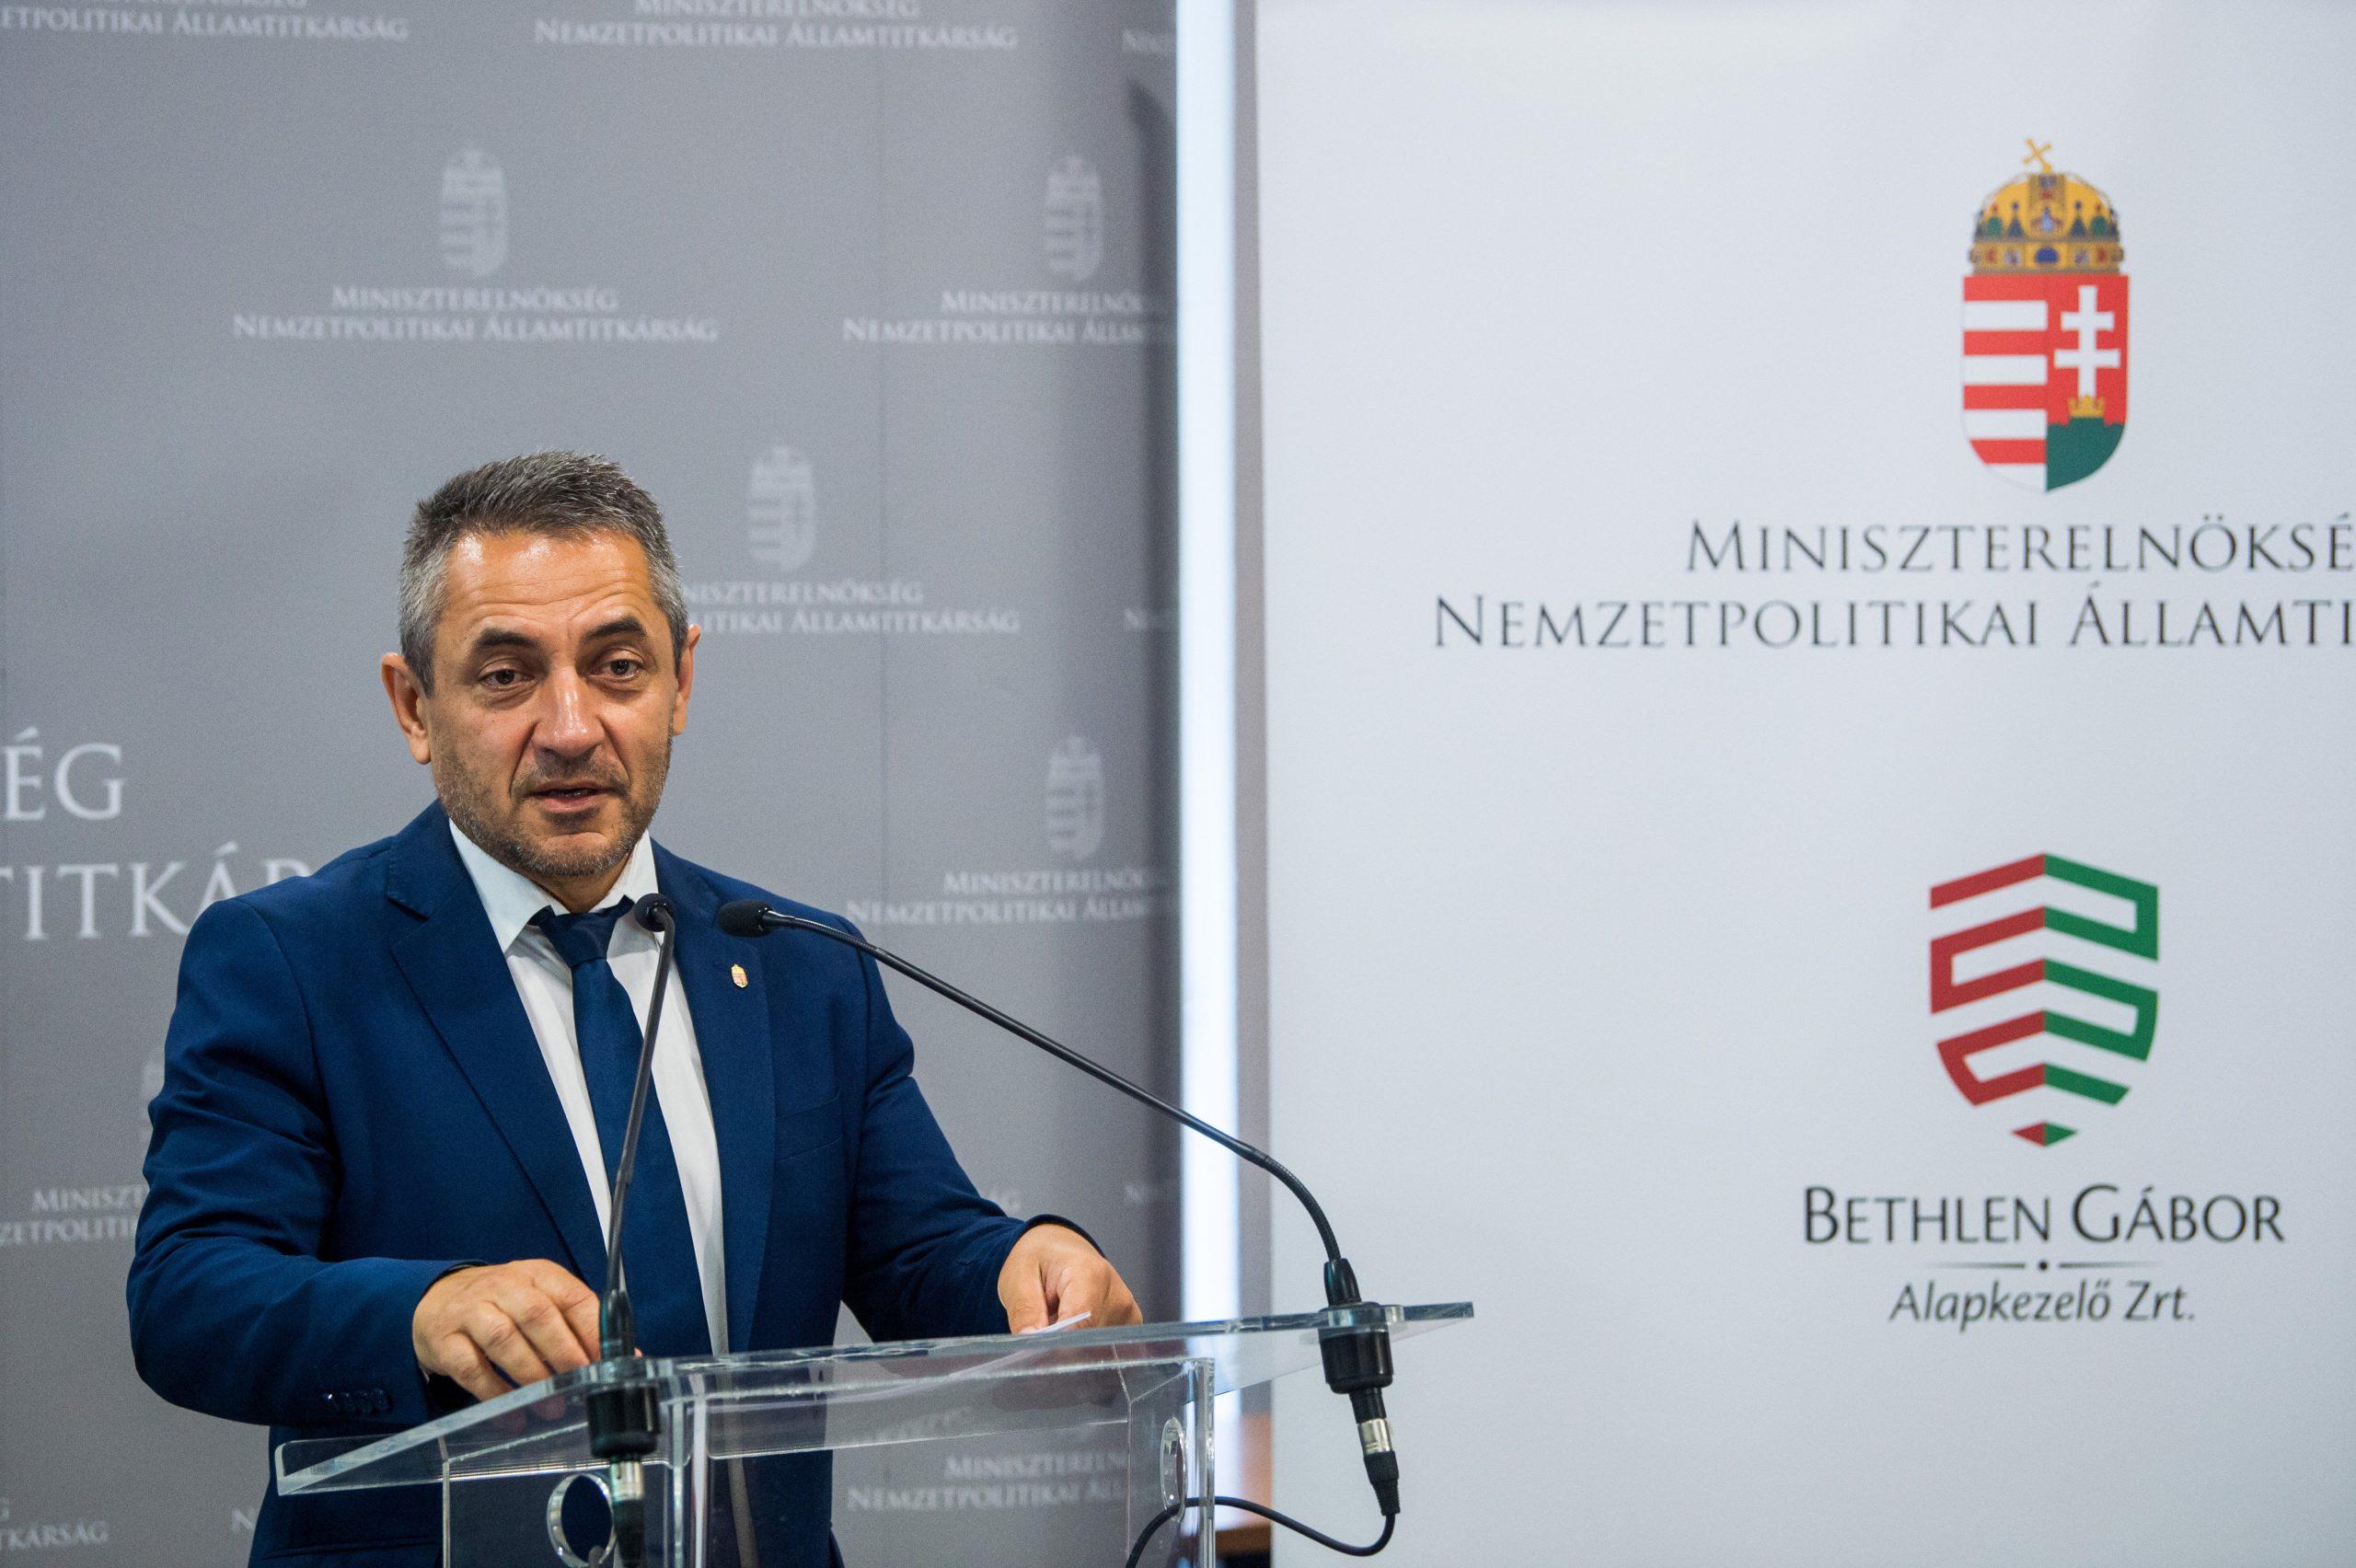 Potápi: Forte représentation de la garantie d'intérêt pour la survie des Hongrois ethniques en Transcarpatie